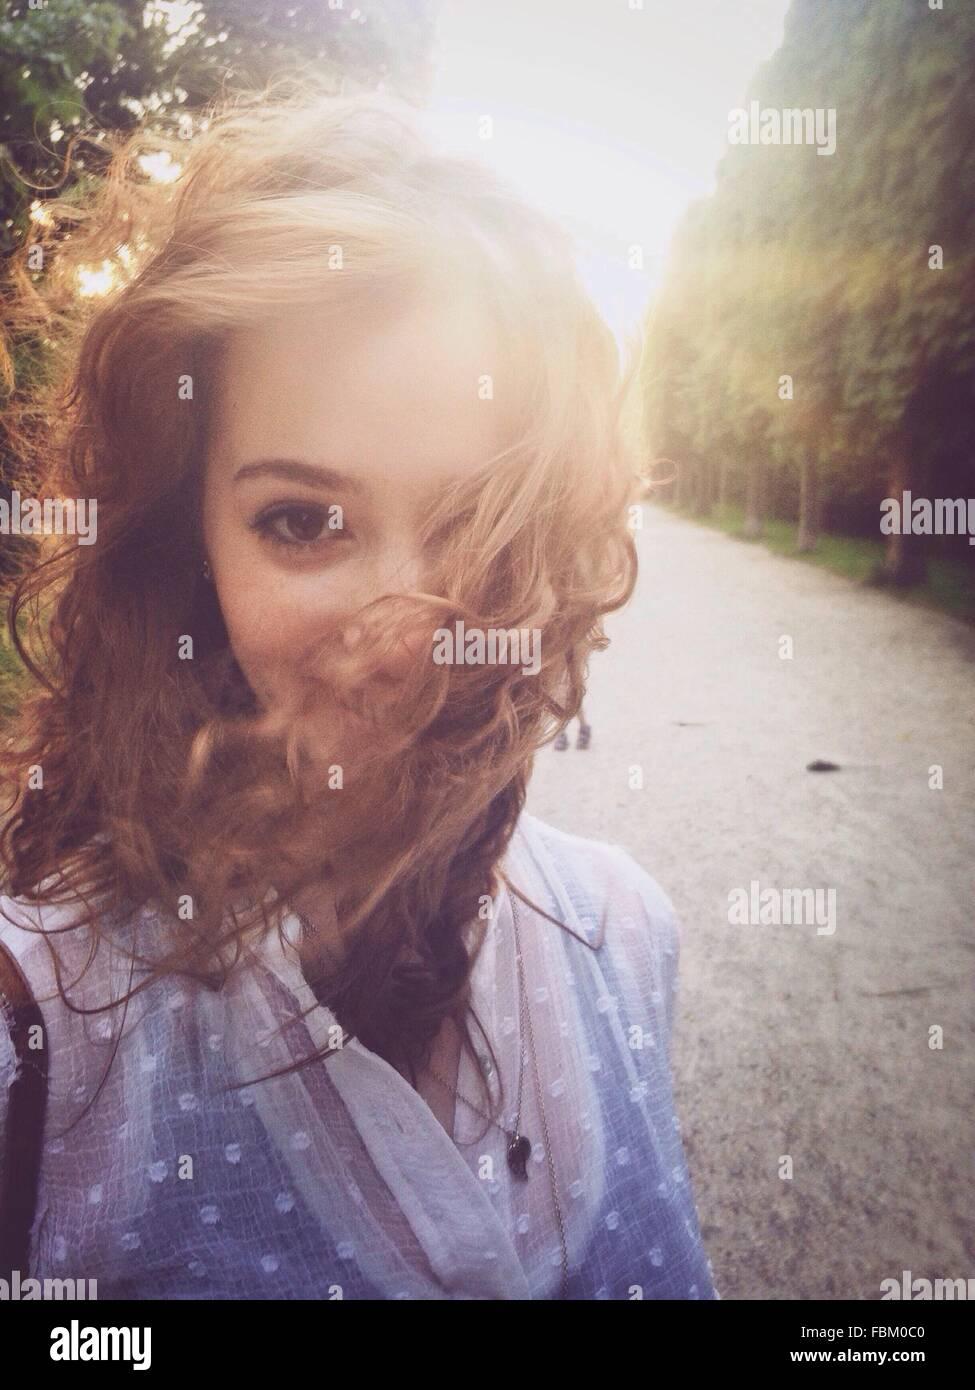 Porträt der schönen jungen Frau auf Straße Stockbild